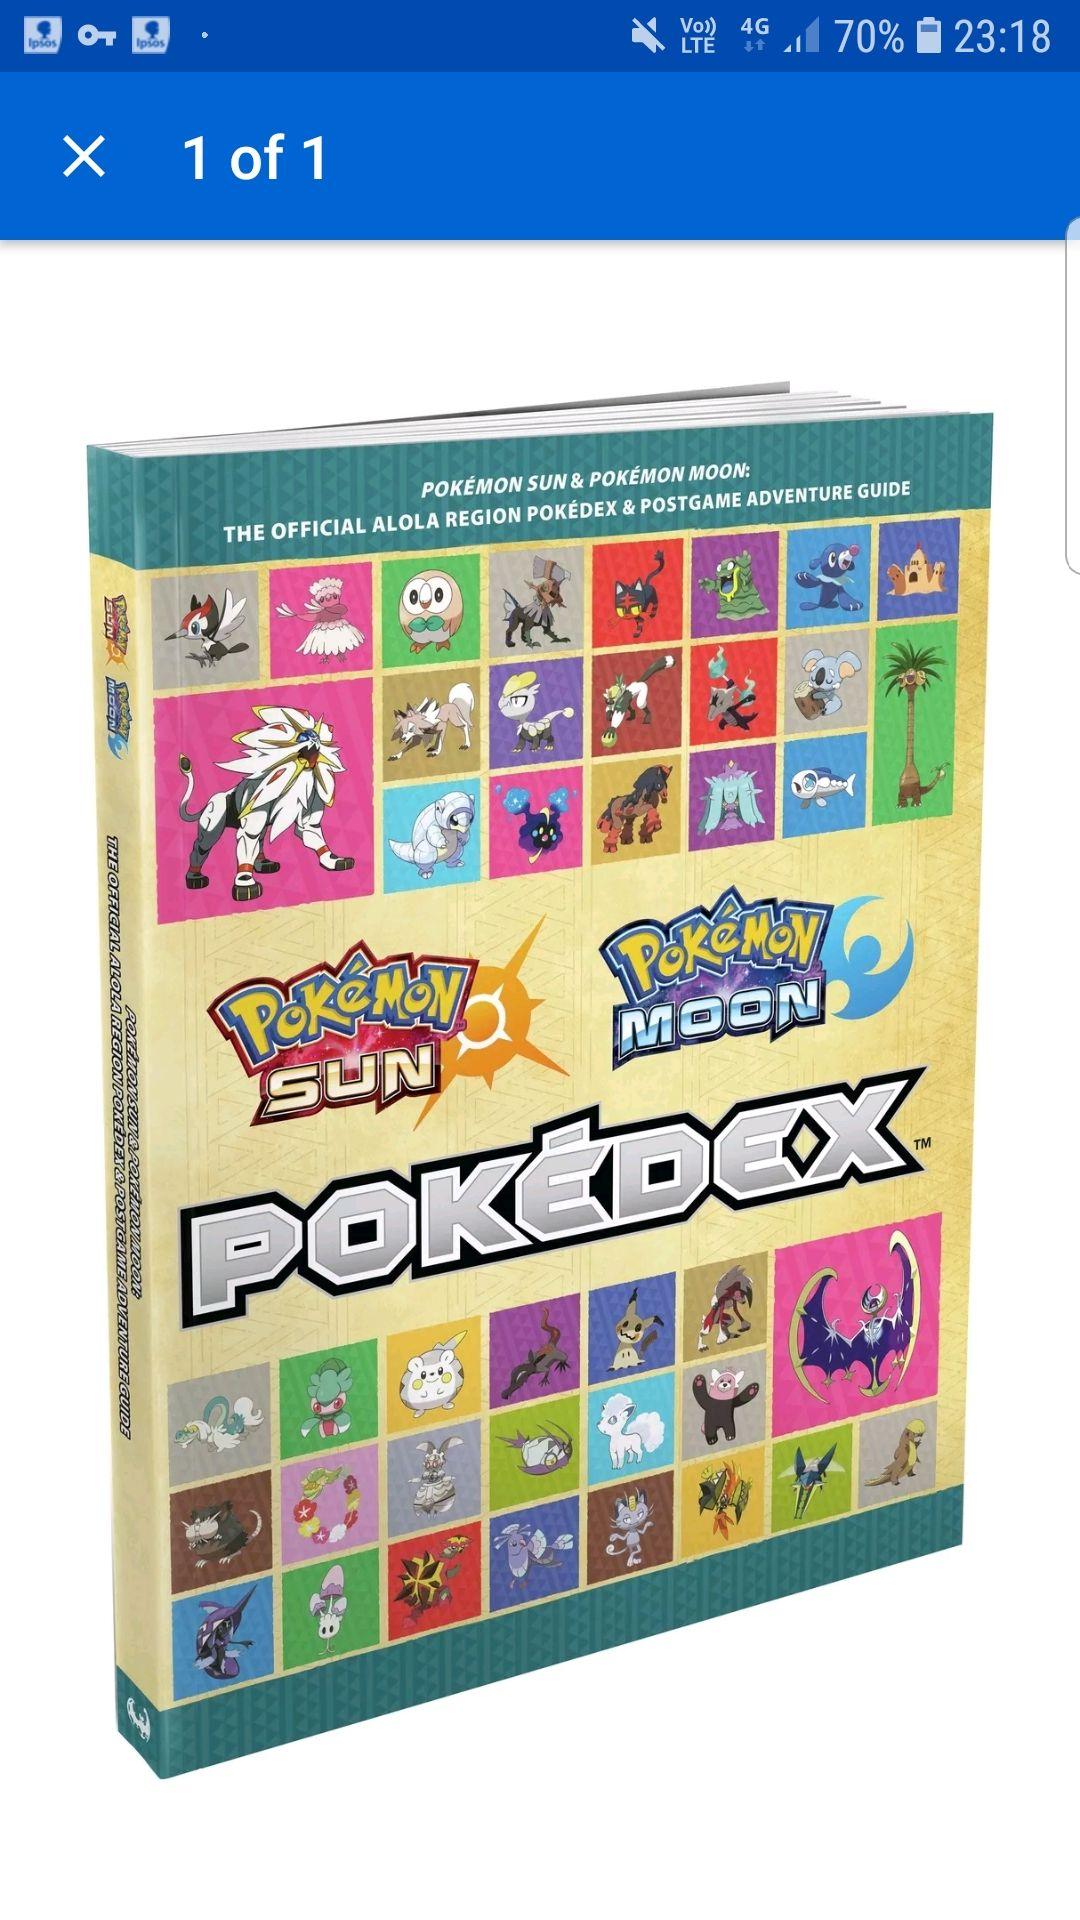 Pokemon Sun and Moon pokedex and guide EVEN CHEAPER £4.45 @ Argos Ebay